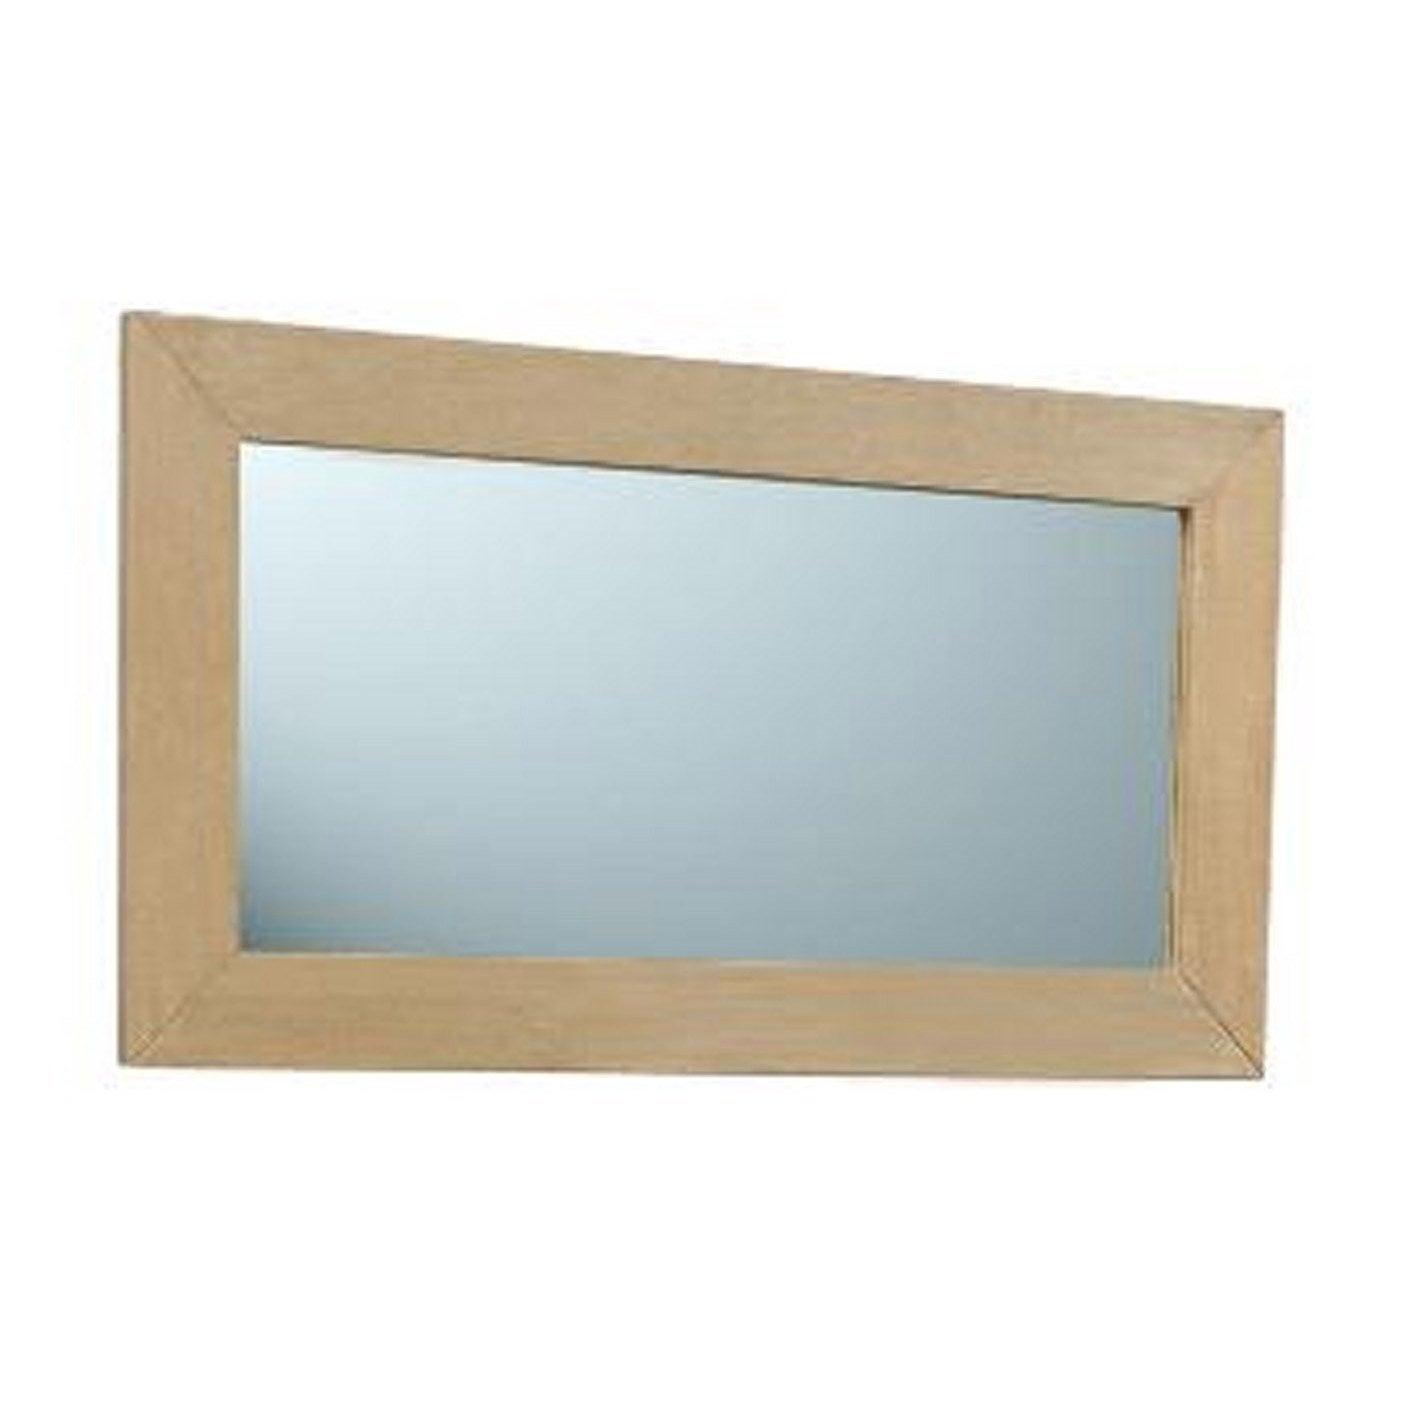 miroir en teck naturel surabaya l90xh50xp2 cm leroy merlin